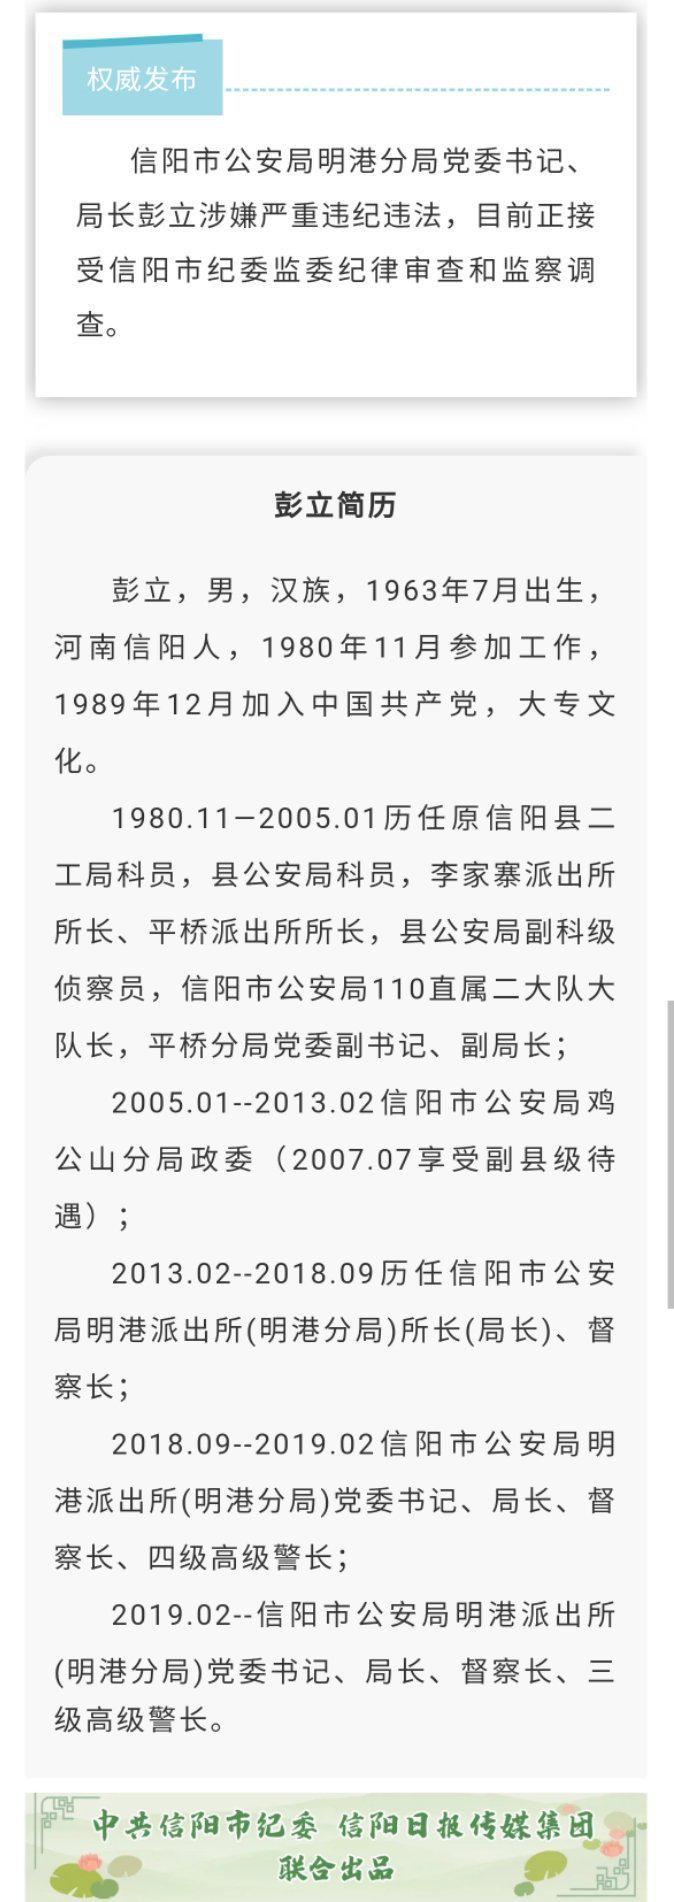 信阳市公安局明港分局党委书记、局长彭立接受纪律审查和监察调查